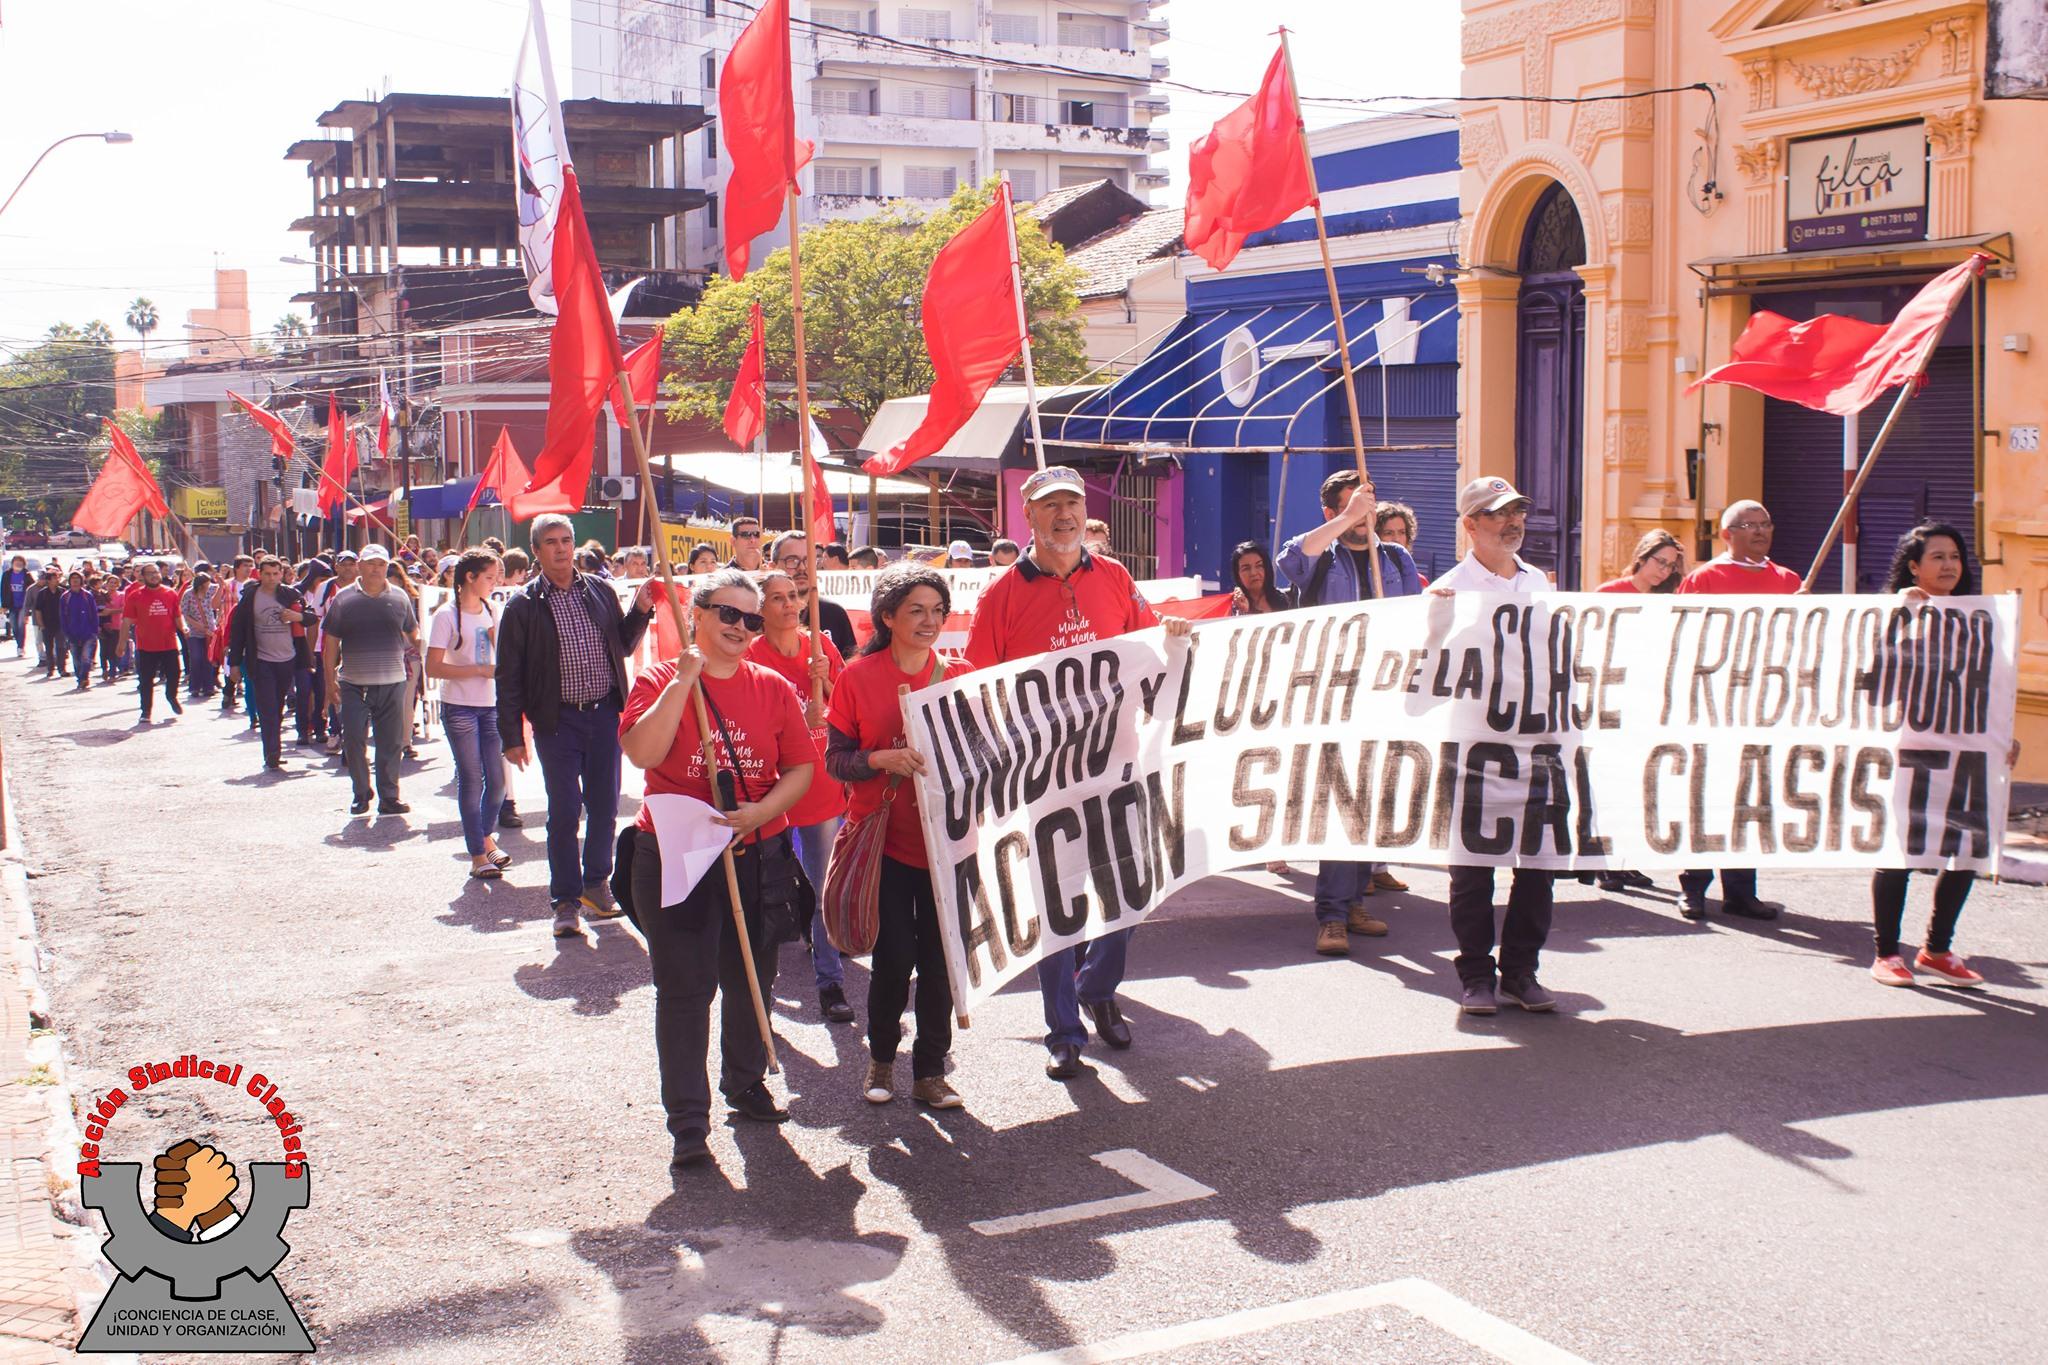 Desinteligencia del Gobierno profundizará crisis, según Acción Clasista